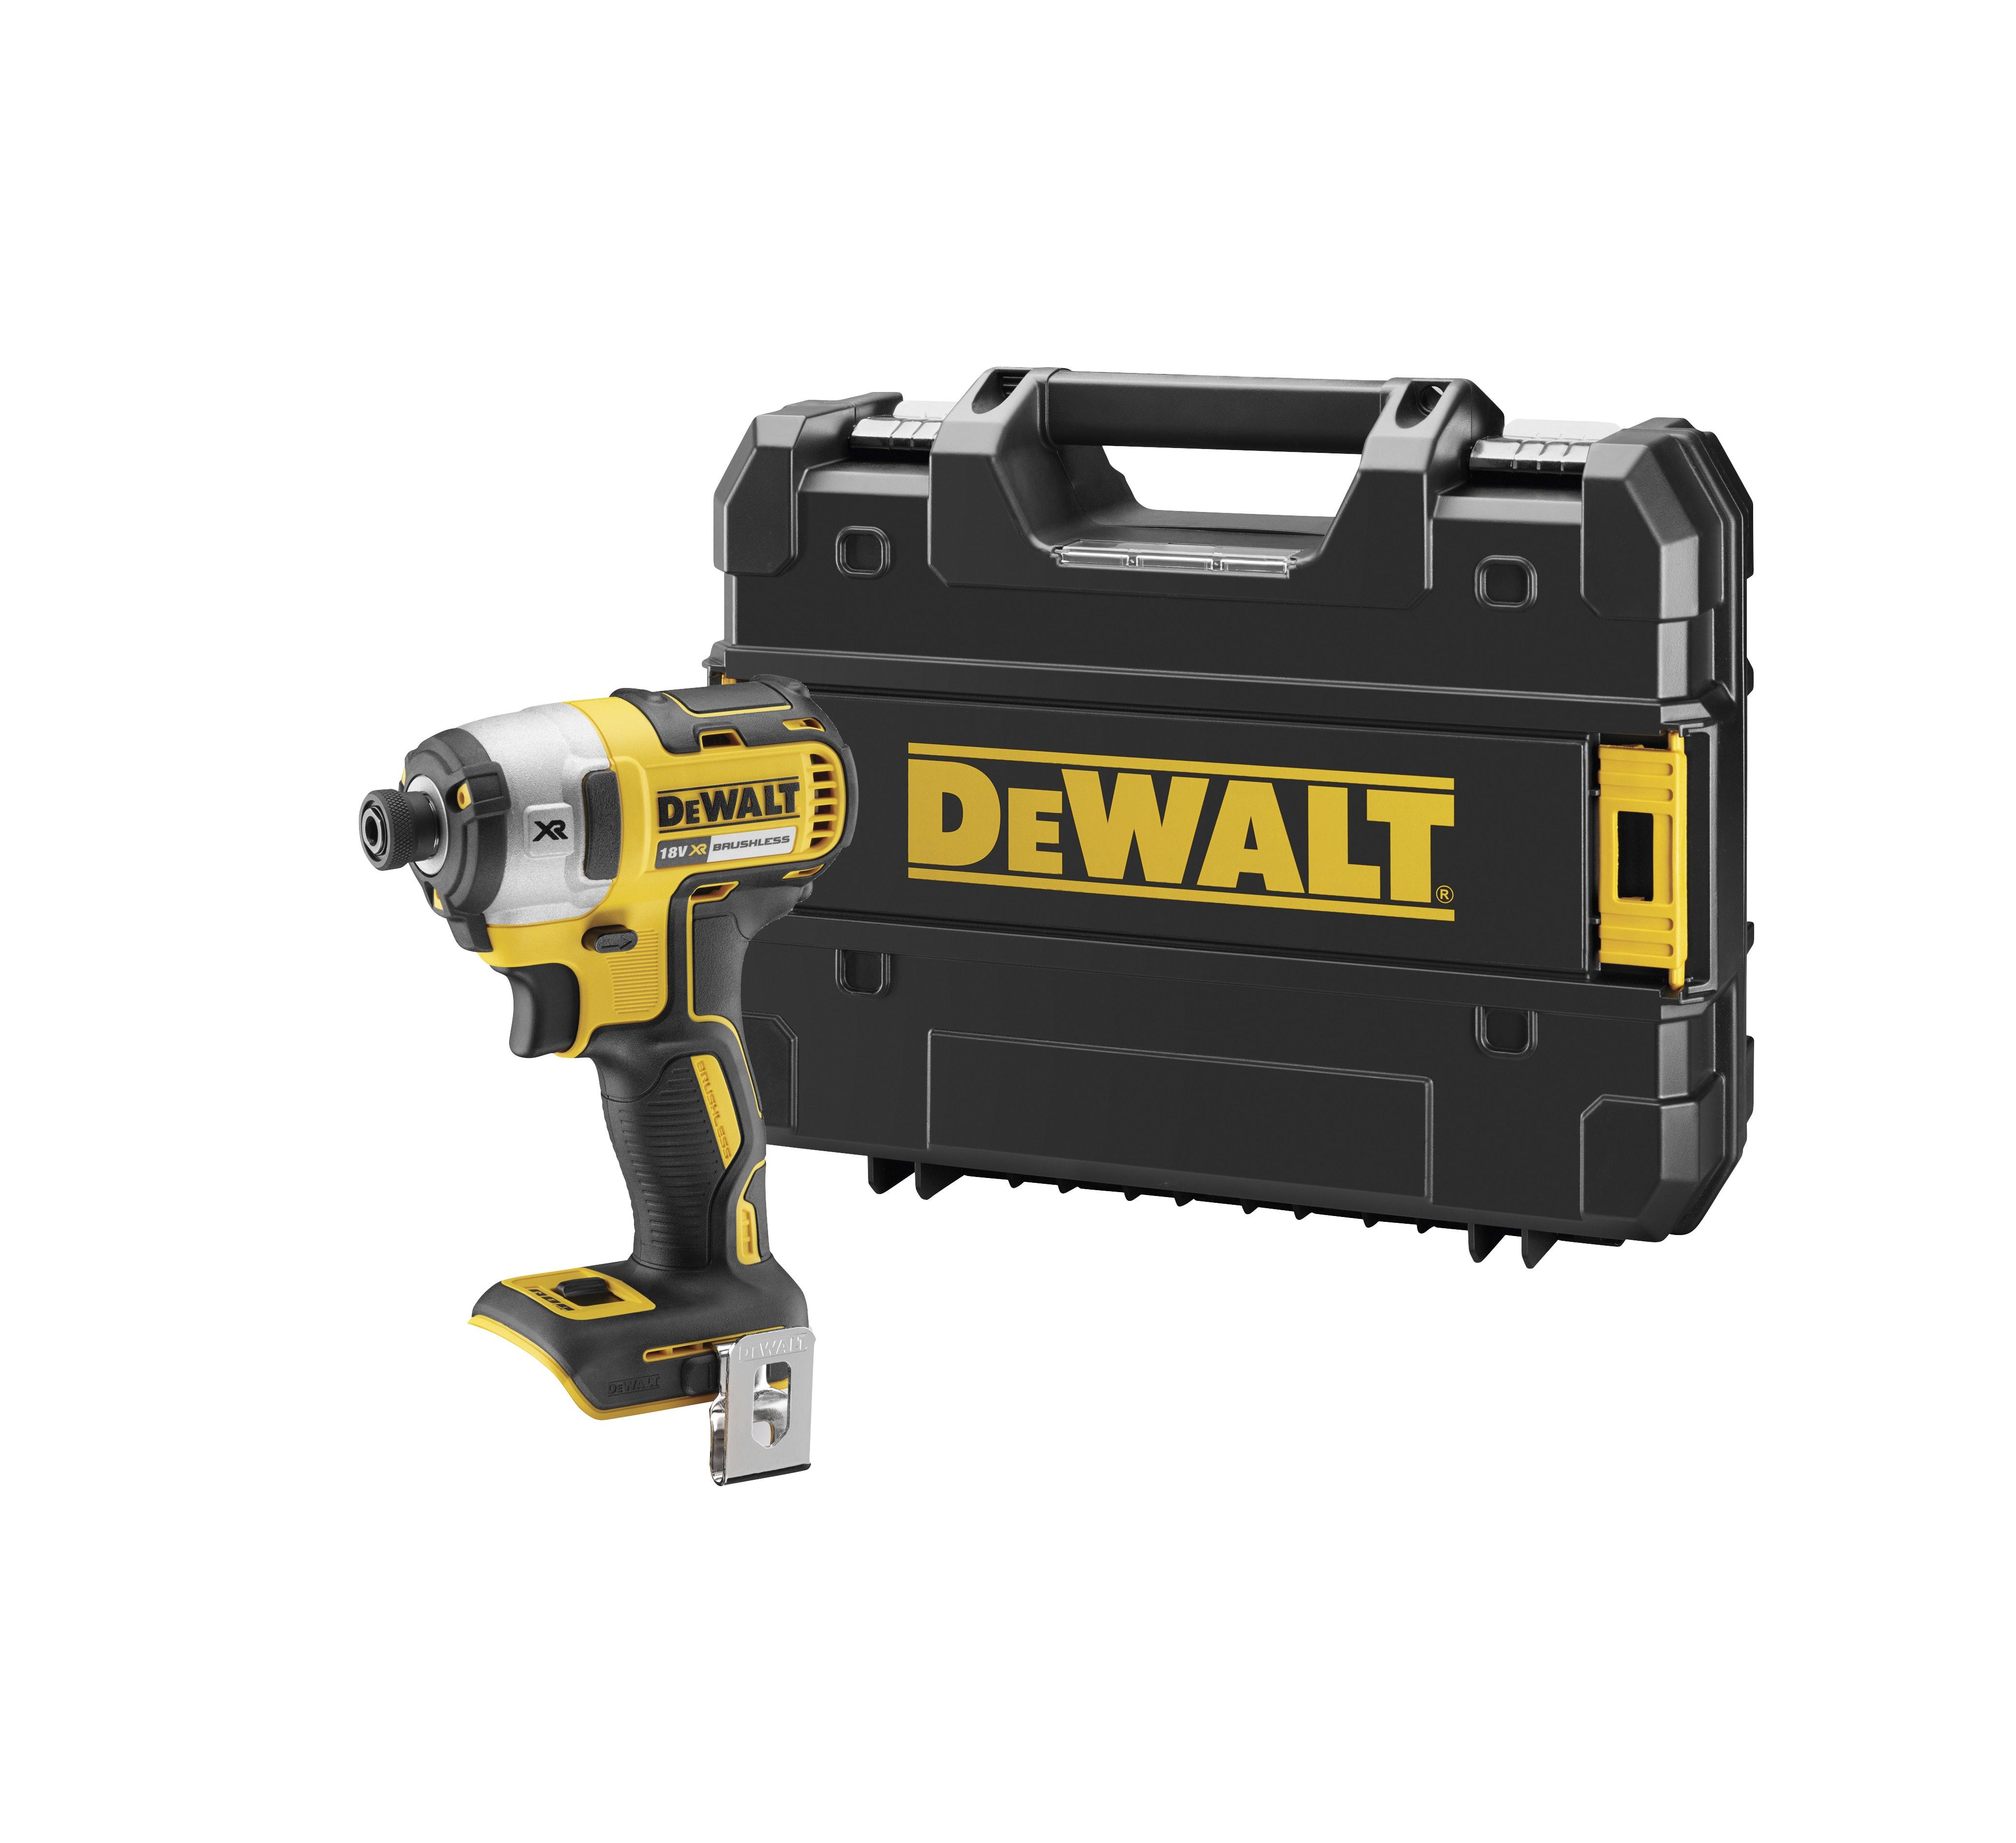 Slagskruvdragare Dewalt DCF887NT 18V Exkl. Batteri